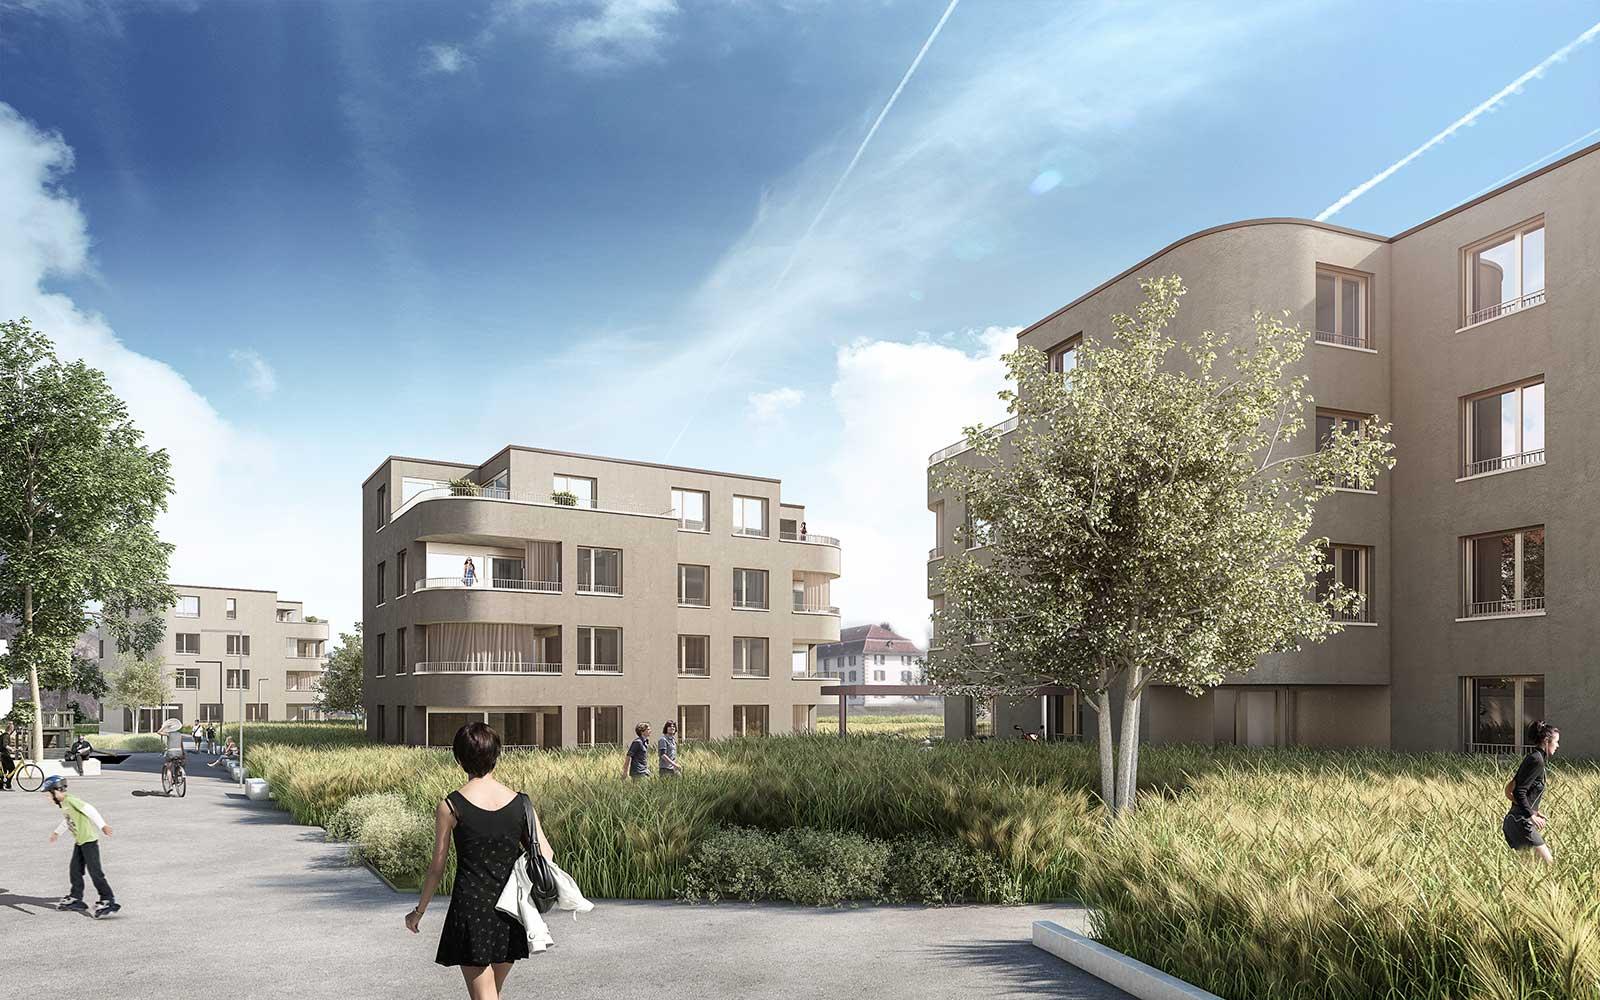 Visualisierung von Westen Neubau Wohnüberbauung Dorfzentrum Orpund Gottstatt